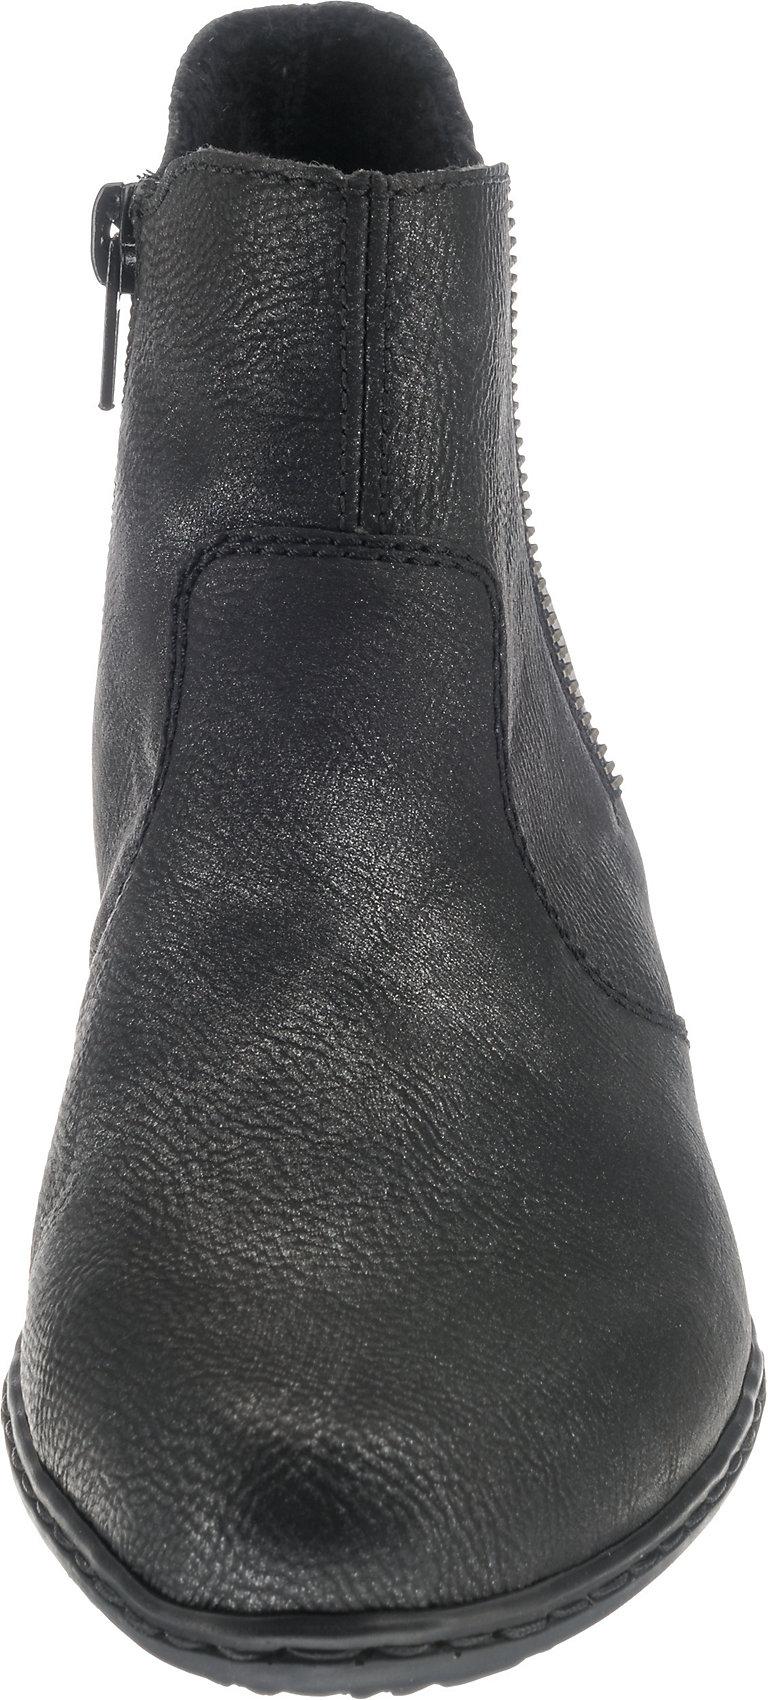 Neu Neu Neu rieker Klassische Stiefeletten 8672215 für Damen schwarz adf165